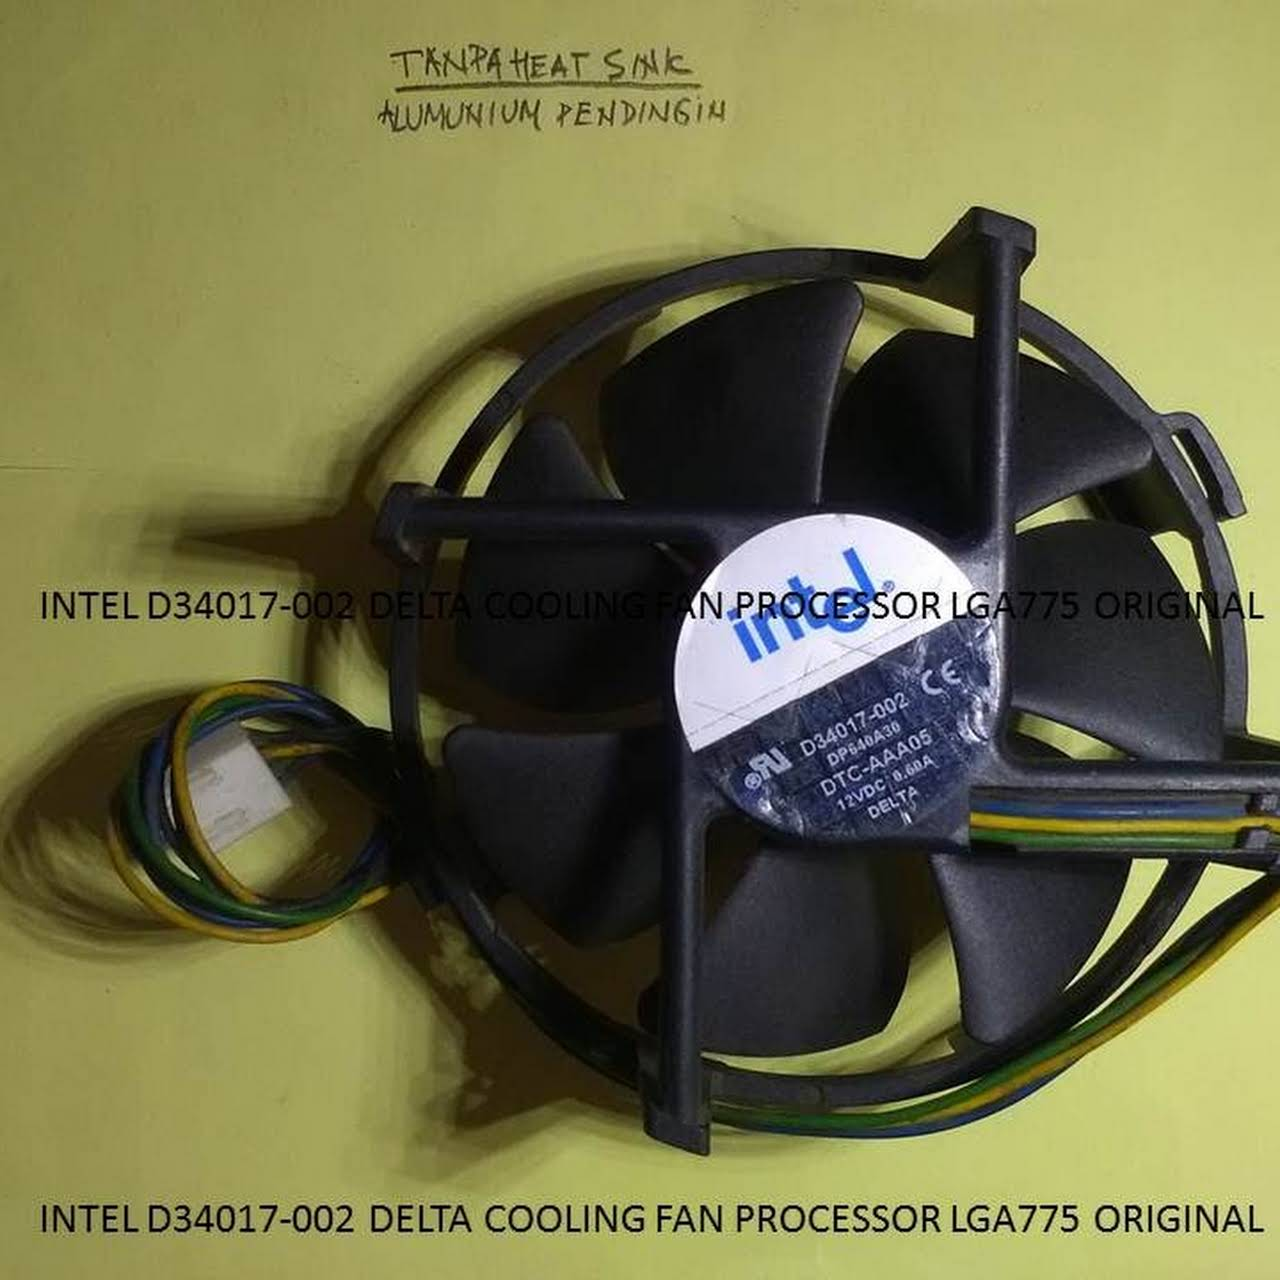 Pumakom Fan Processor Lga 775 Original